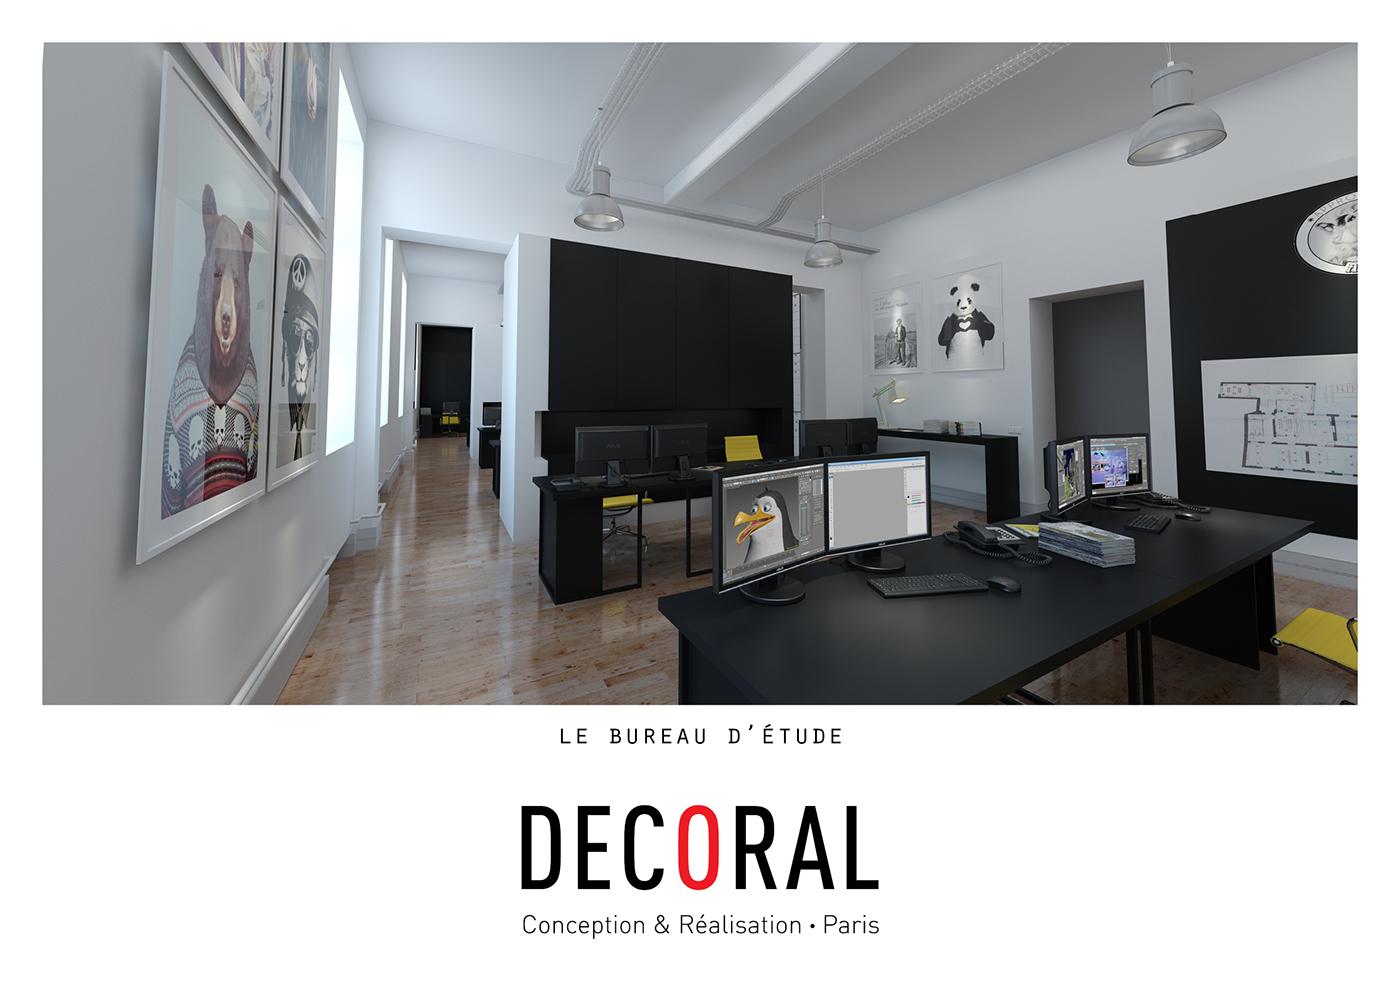 Decoral Paris